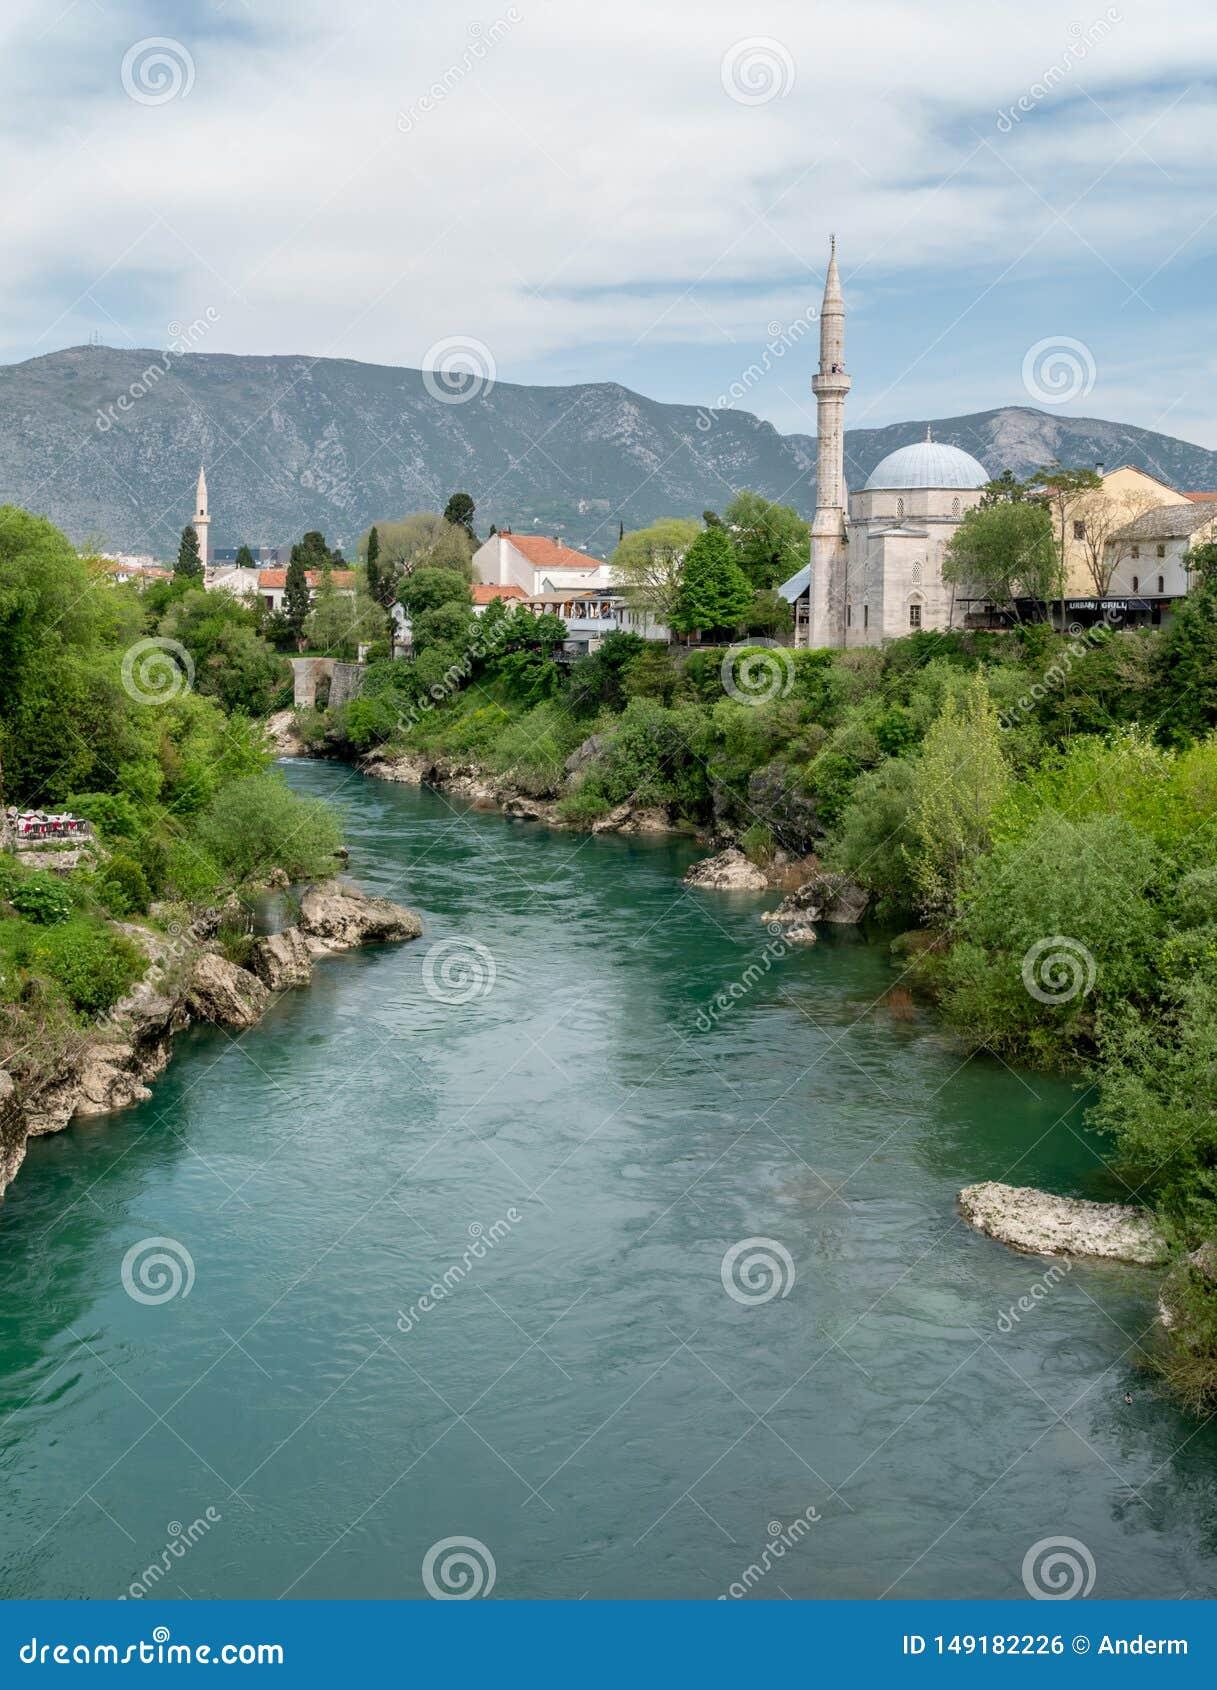 Pi?kny widok na Mostar mie?cie na Neretva rzece w Bo?nia i Herzegovina